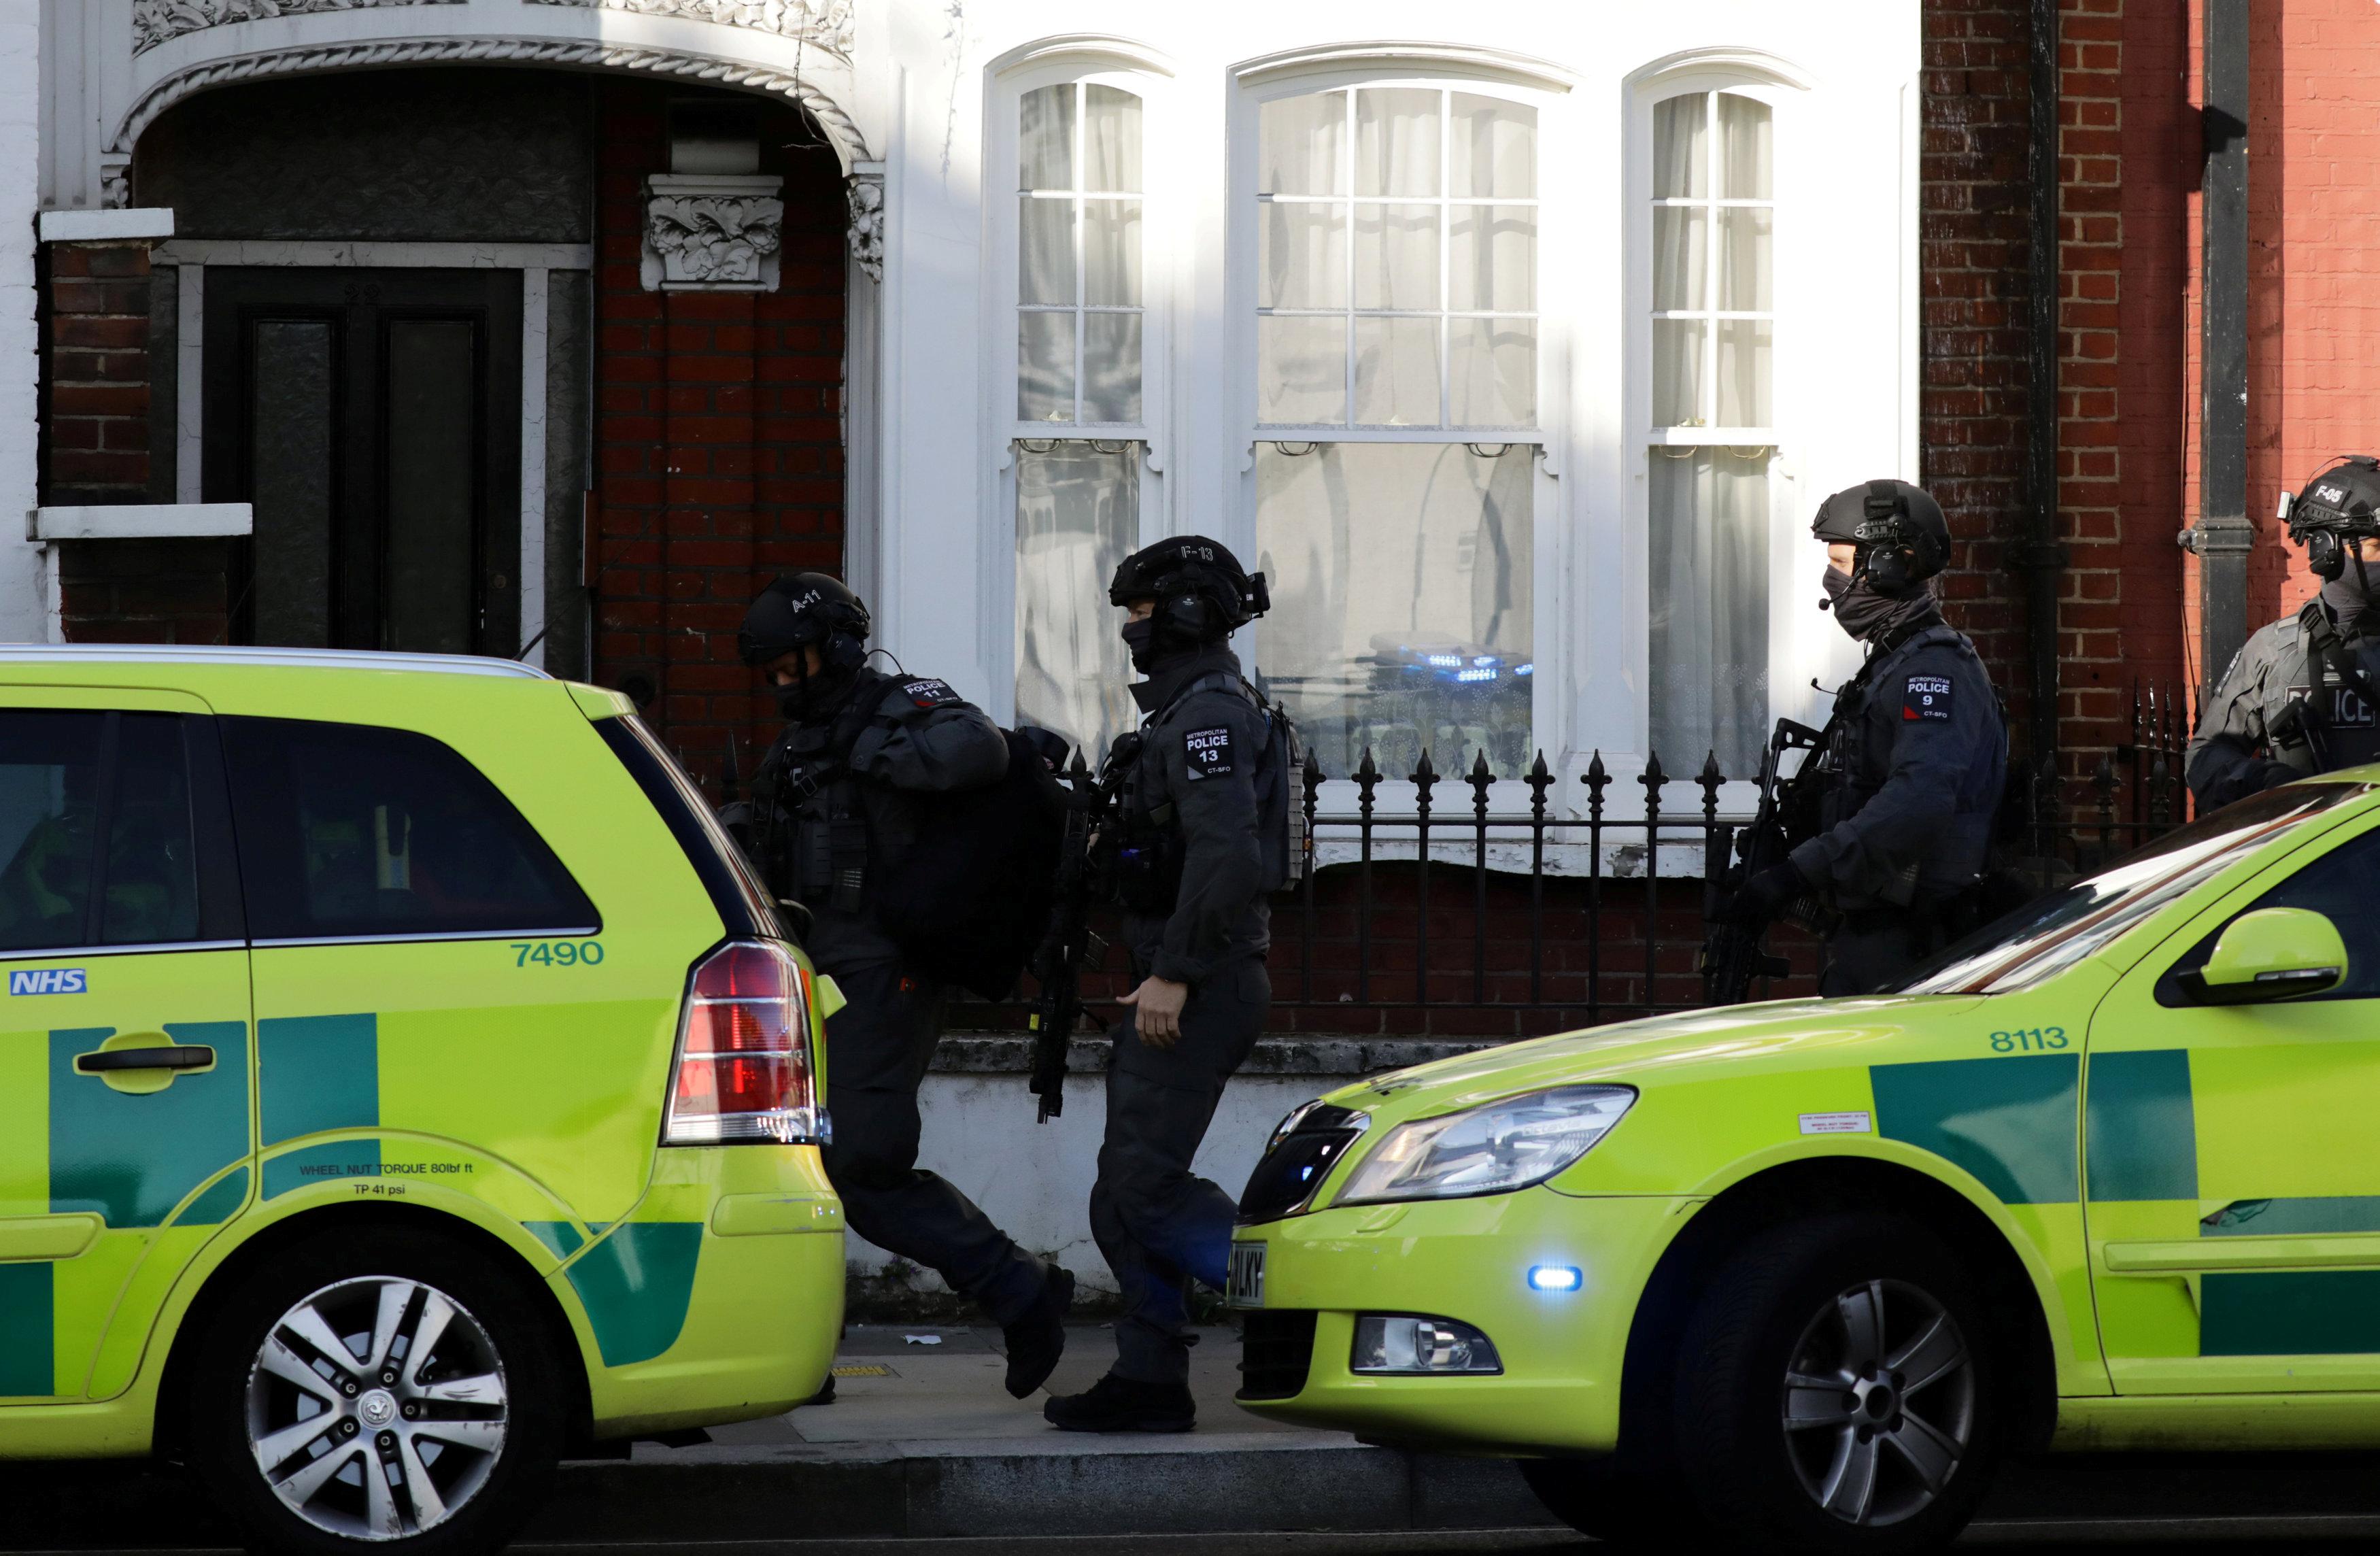 گروه تروریستی داعش مسئولیت بمبگذاری در مترو لندن را بر عهده گرفت؛ افزایش سطح هشدار امنیتی در بریتانیا